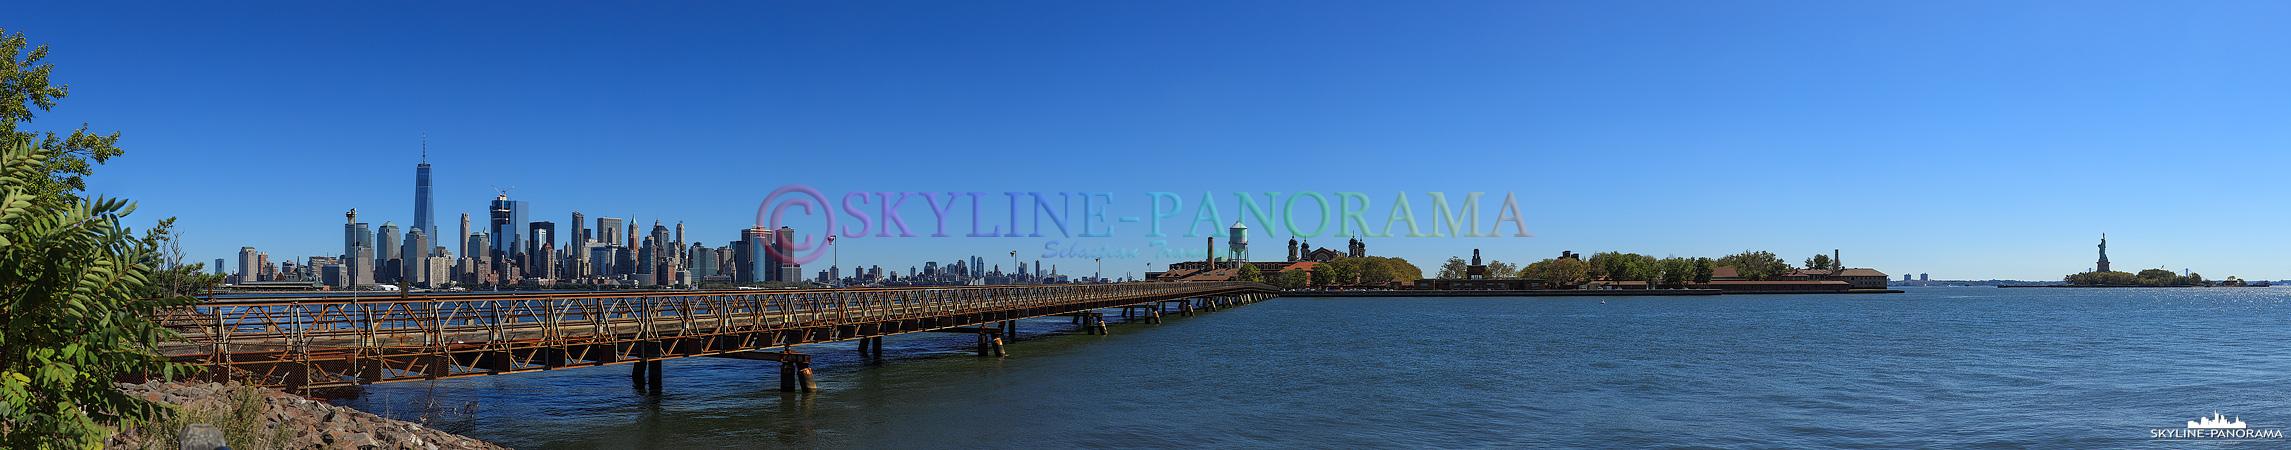 New York Skyline - Der Blick als Panorama von der Skyline Manhattans über Ellis Island zur Freiheitsstatue.